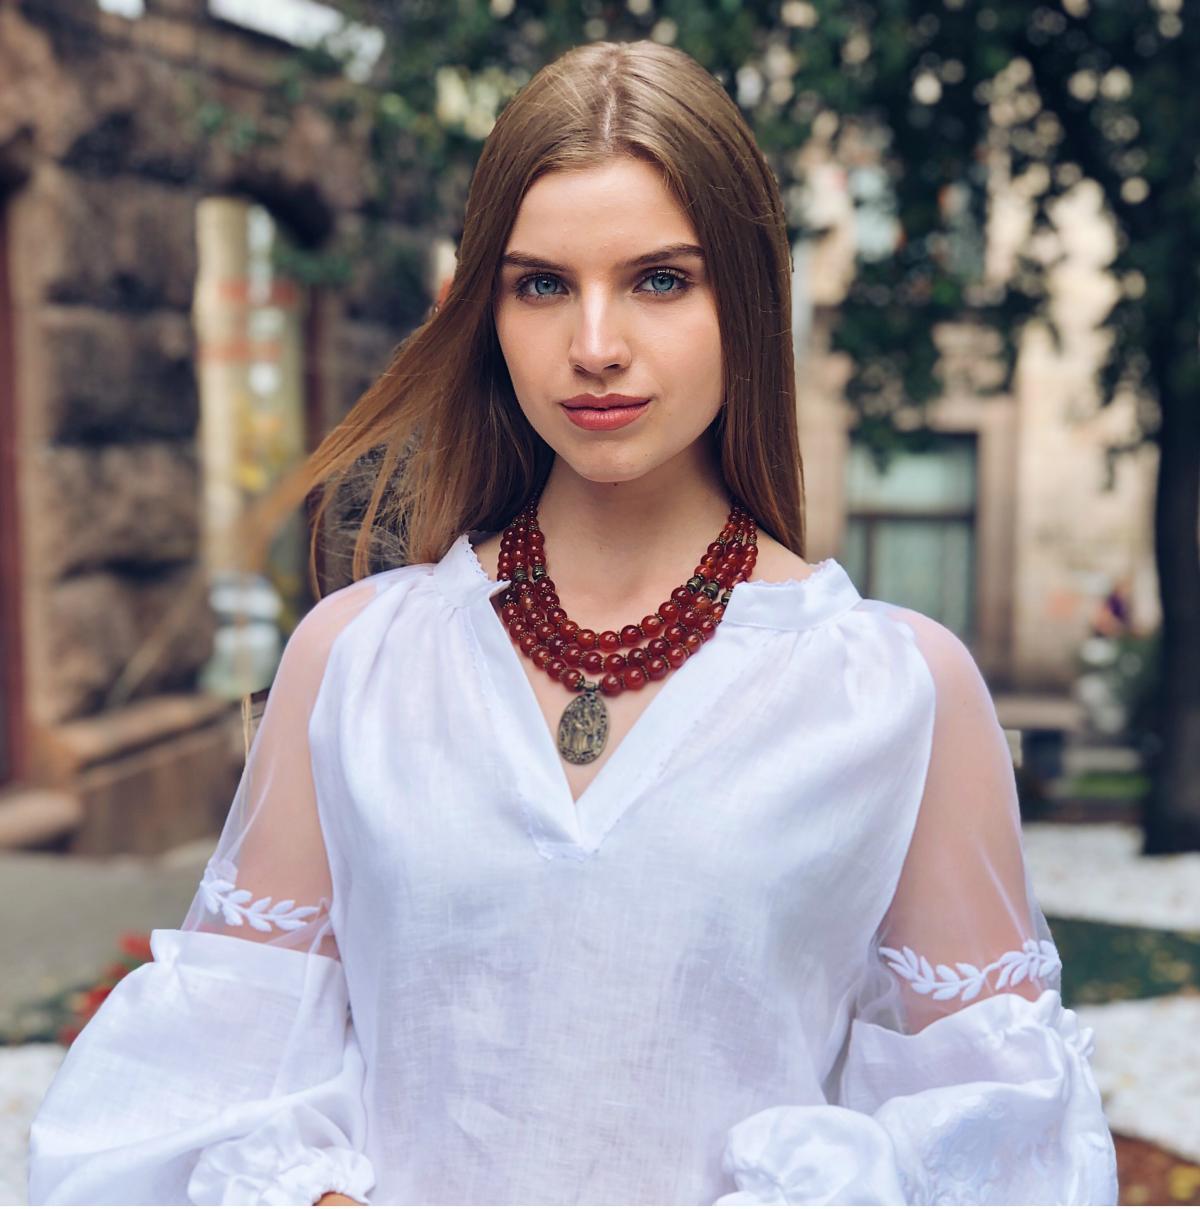 Ожерелье из сердолика и иконкой Почаевской Богородицы, 3 ряда. Фото №1. | Народный дом Украина